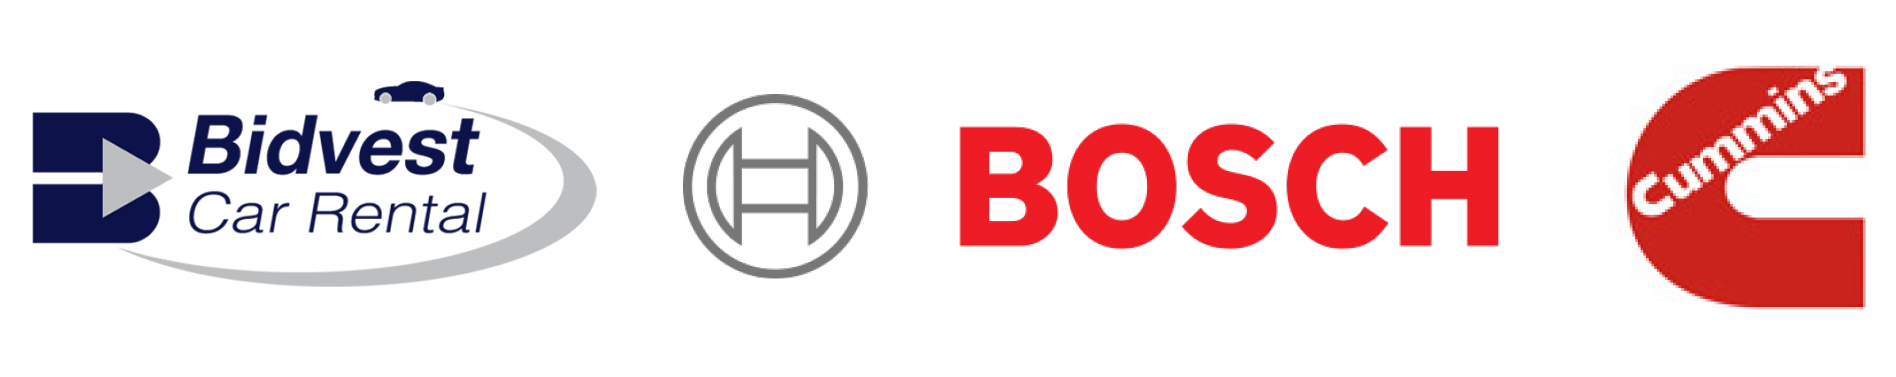 Plae Interior Design Client logos 2